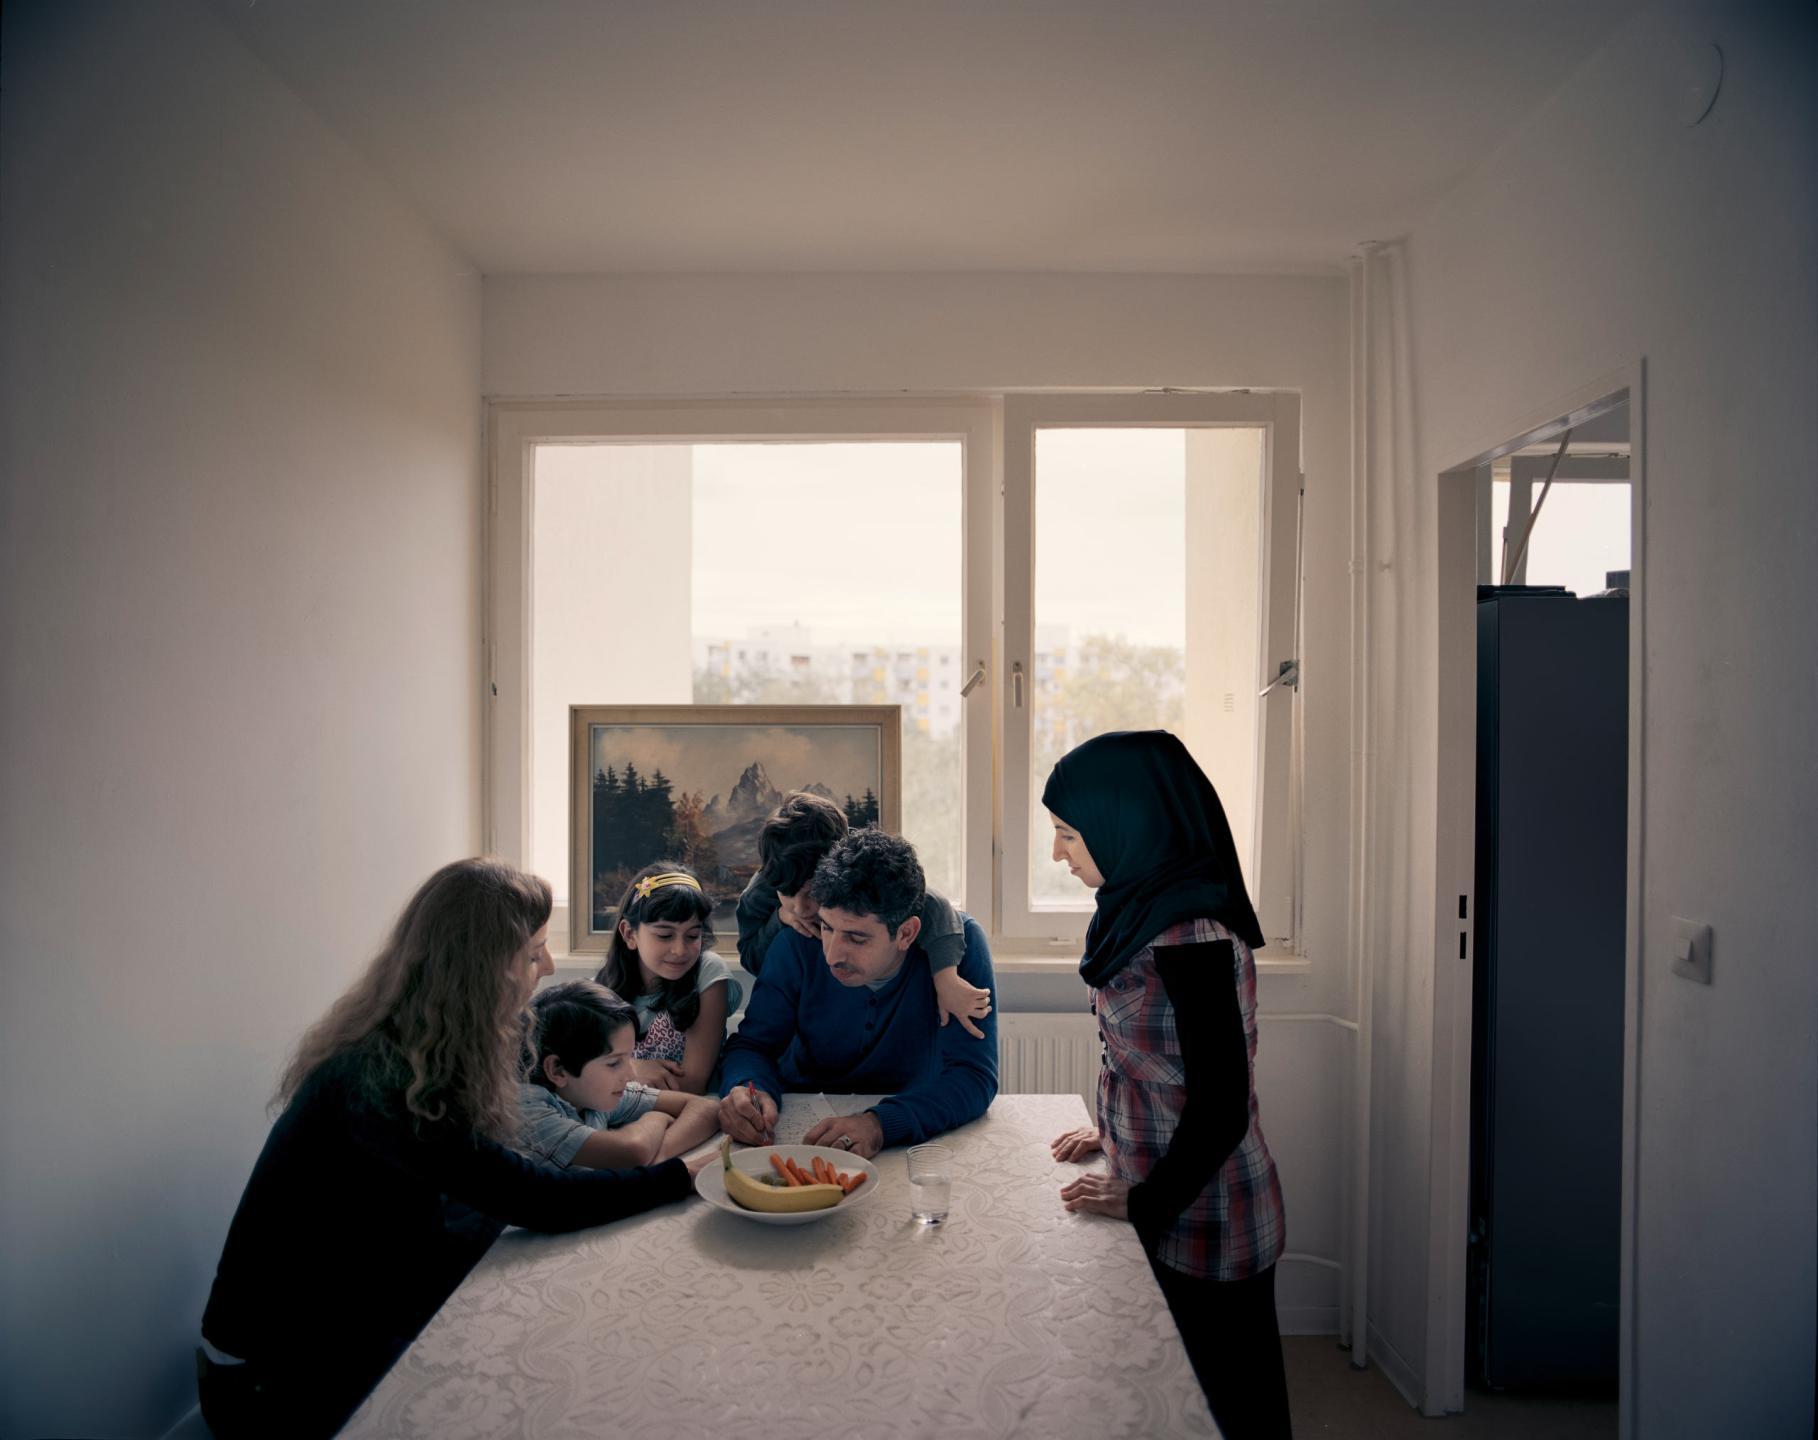 фотографии беженцев в Европе, сирийцы, афганцы-10